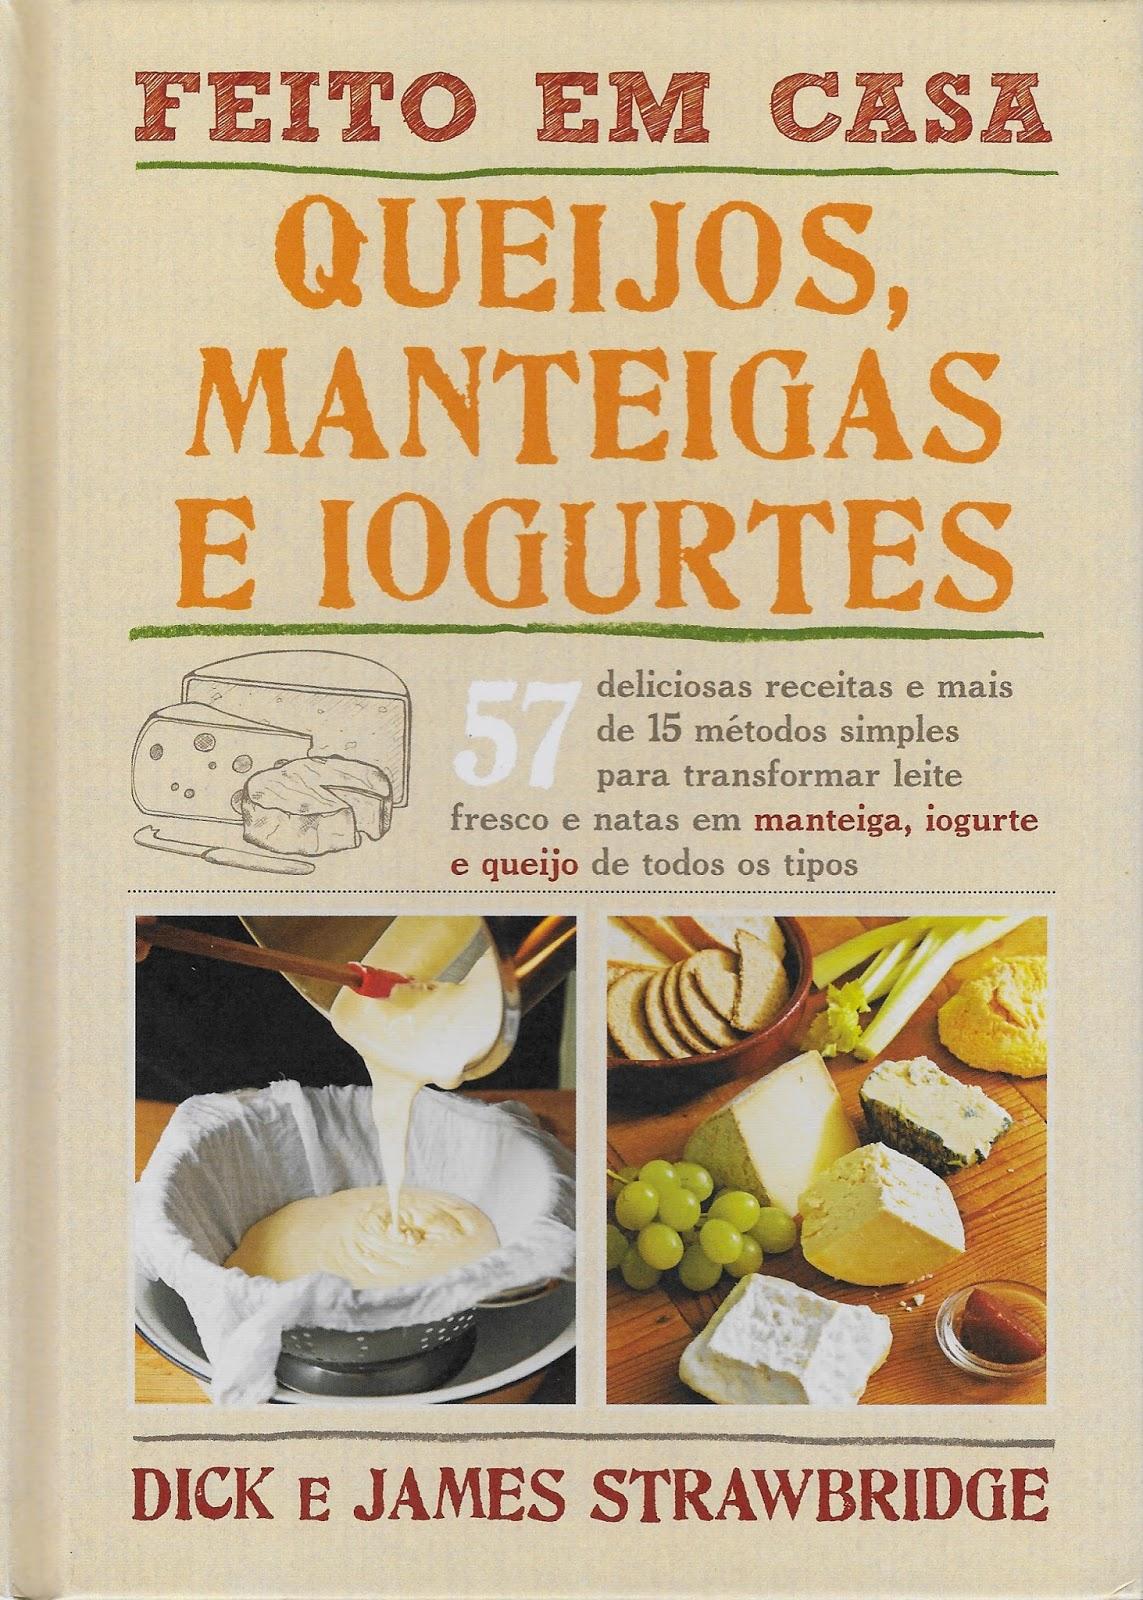 http://www.cantinhodasaromaticas.pt/loja/livros/feito-em-casa-queijos-manteigas-e-iogurtes/